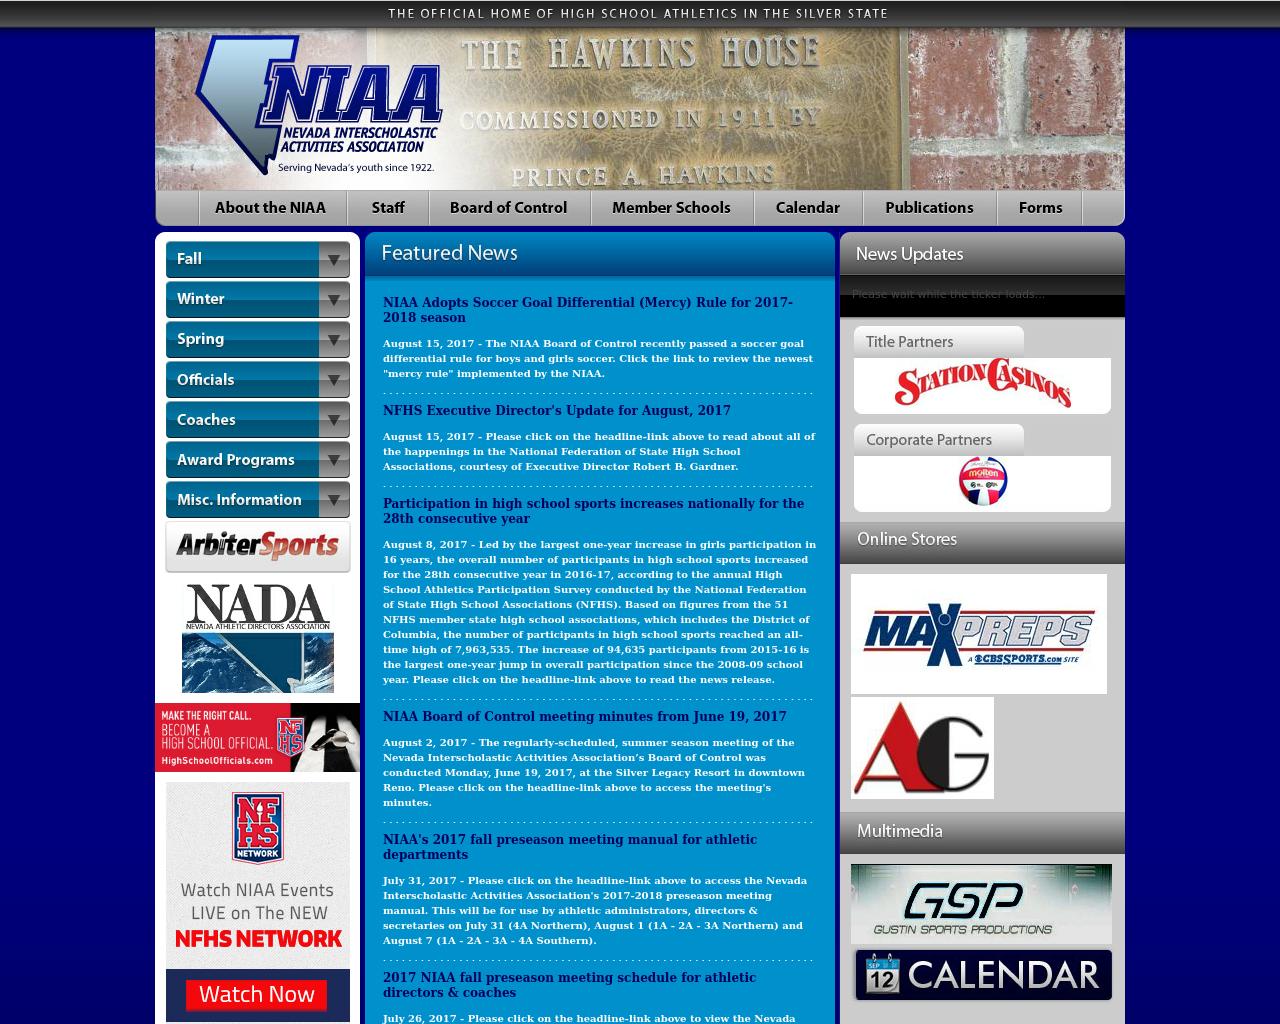 NIAA-Advertising-Reviews-Pricing